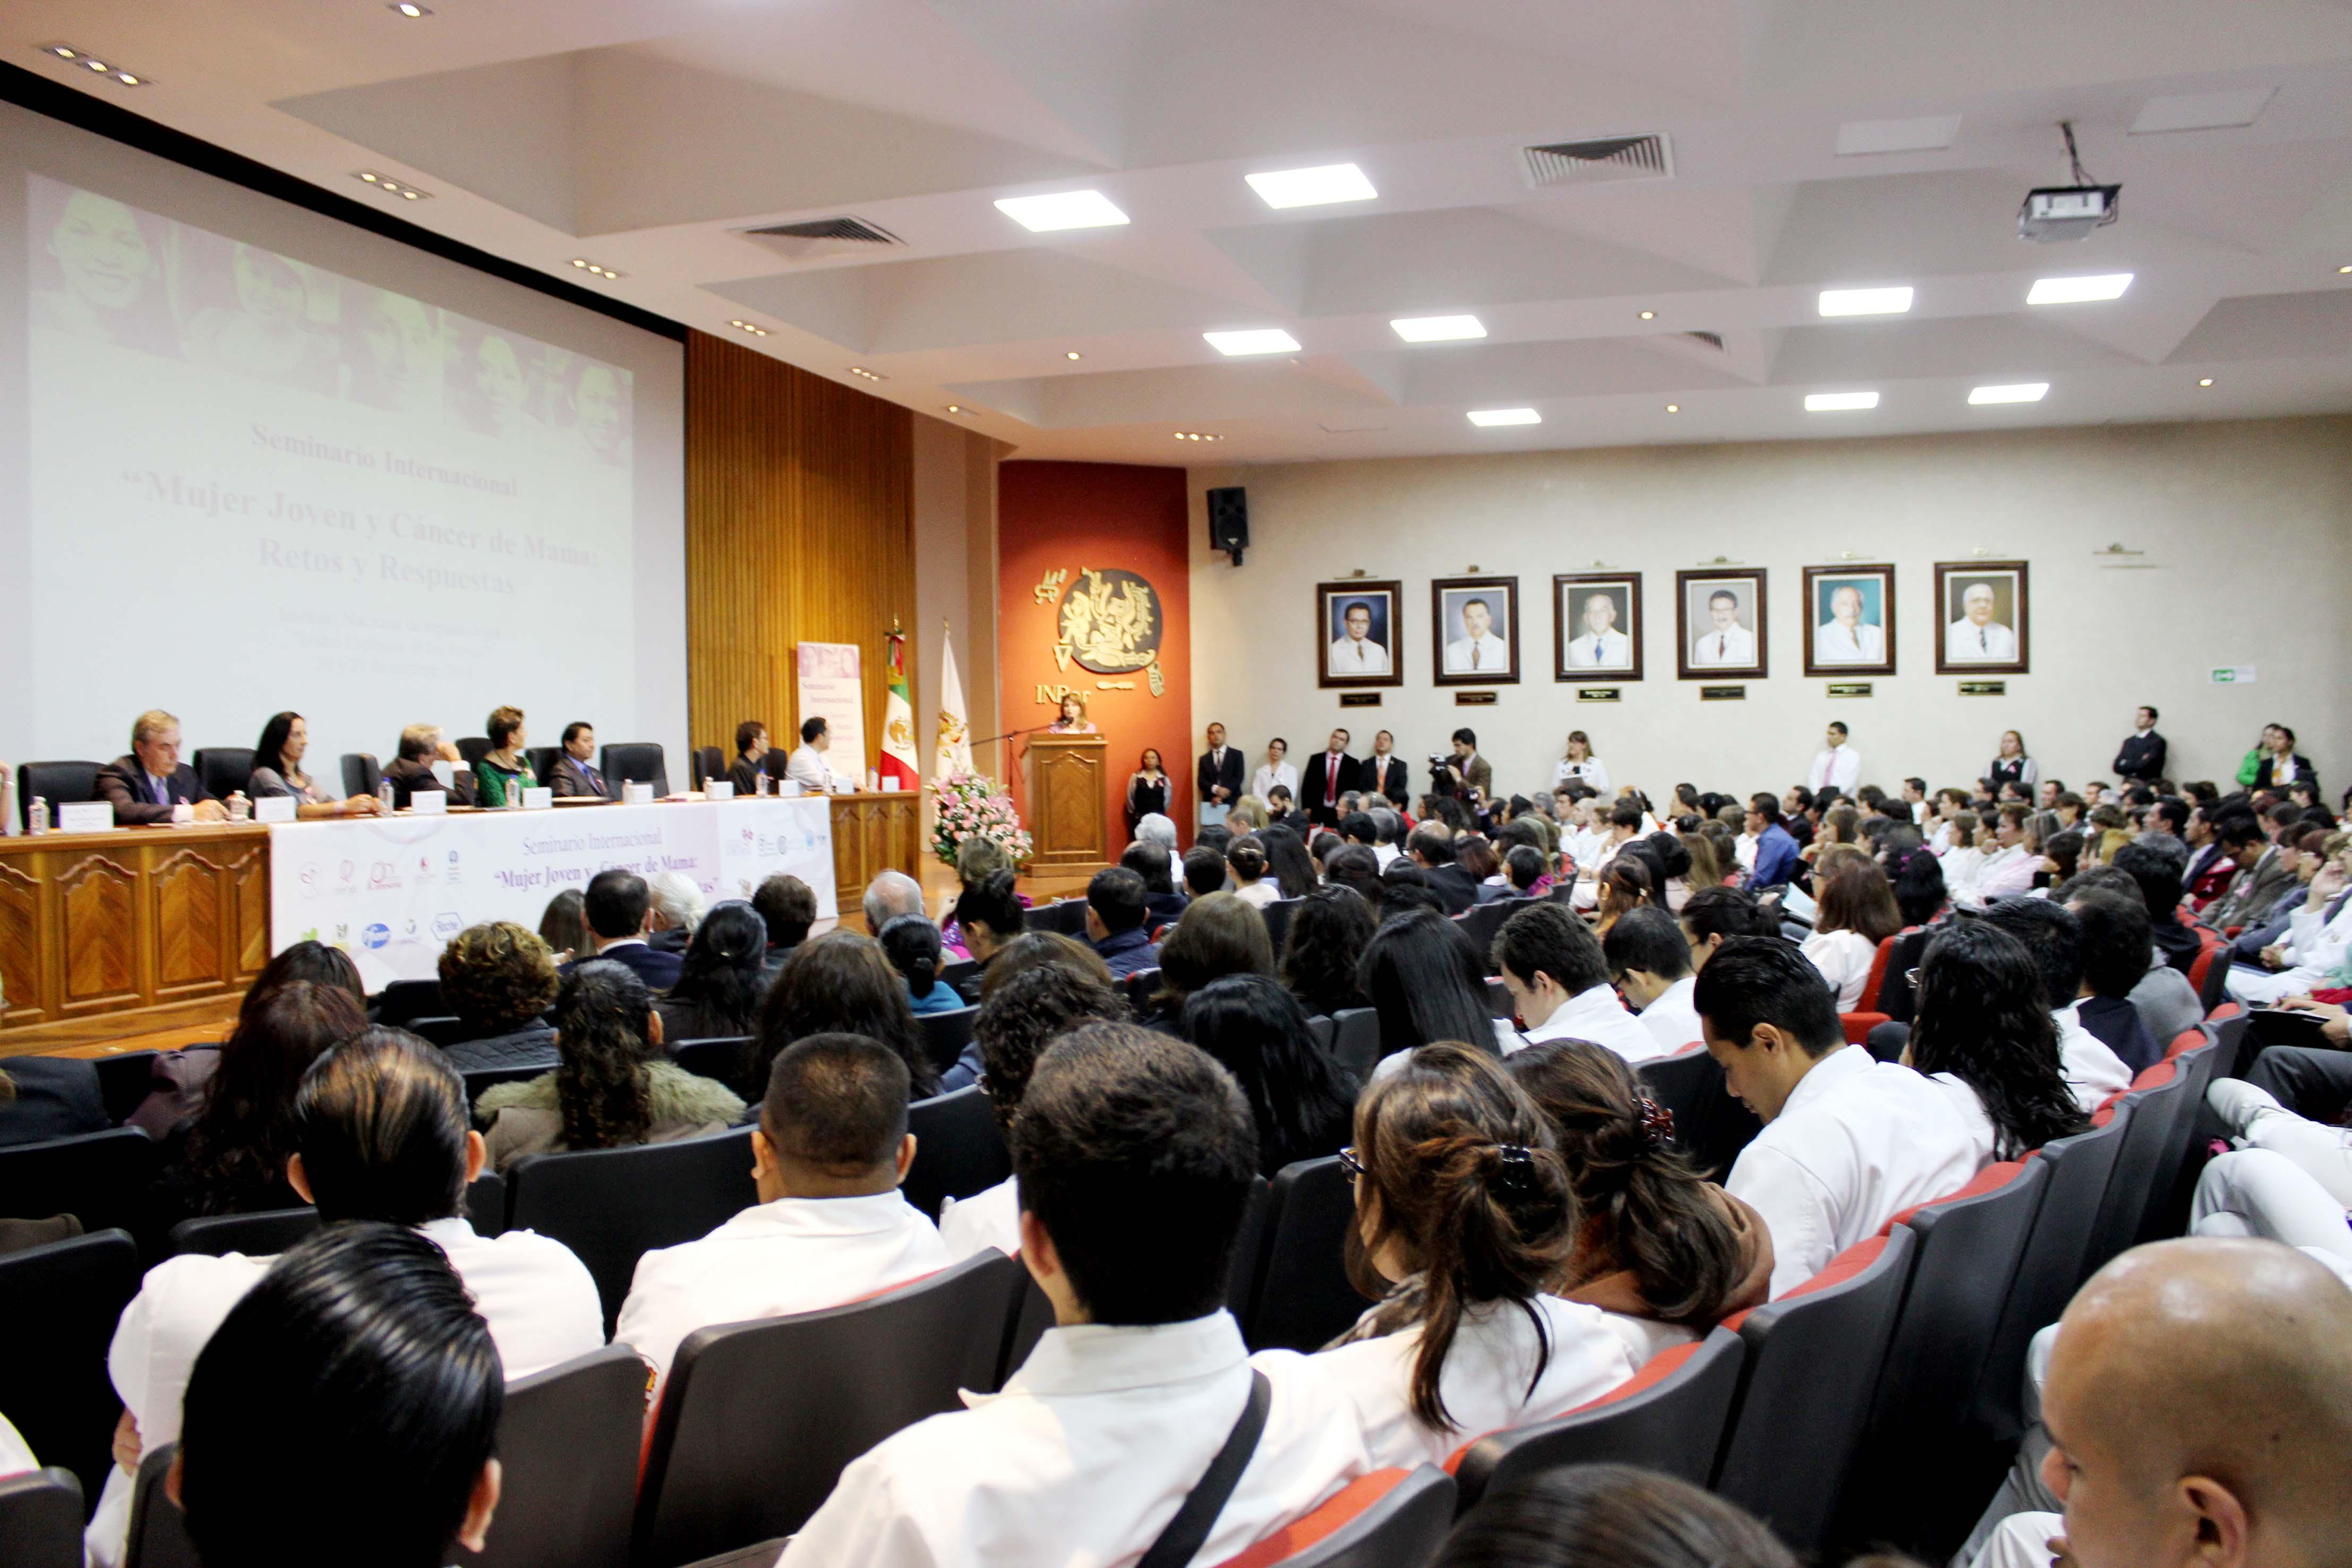 SEMINARIO INTERNACIONAL MUJER JOVEN Y C NCER DE MAMA RETOS Y RESPUESTAS 201410  4 .jpg